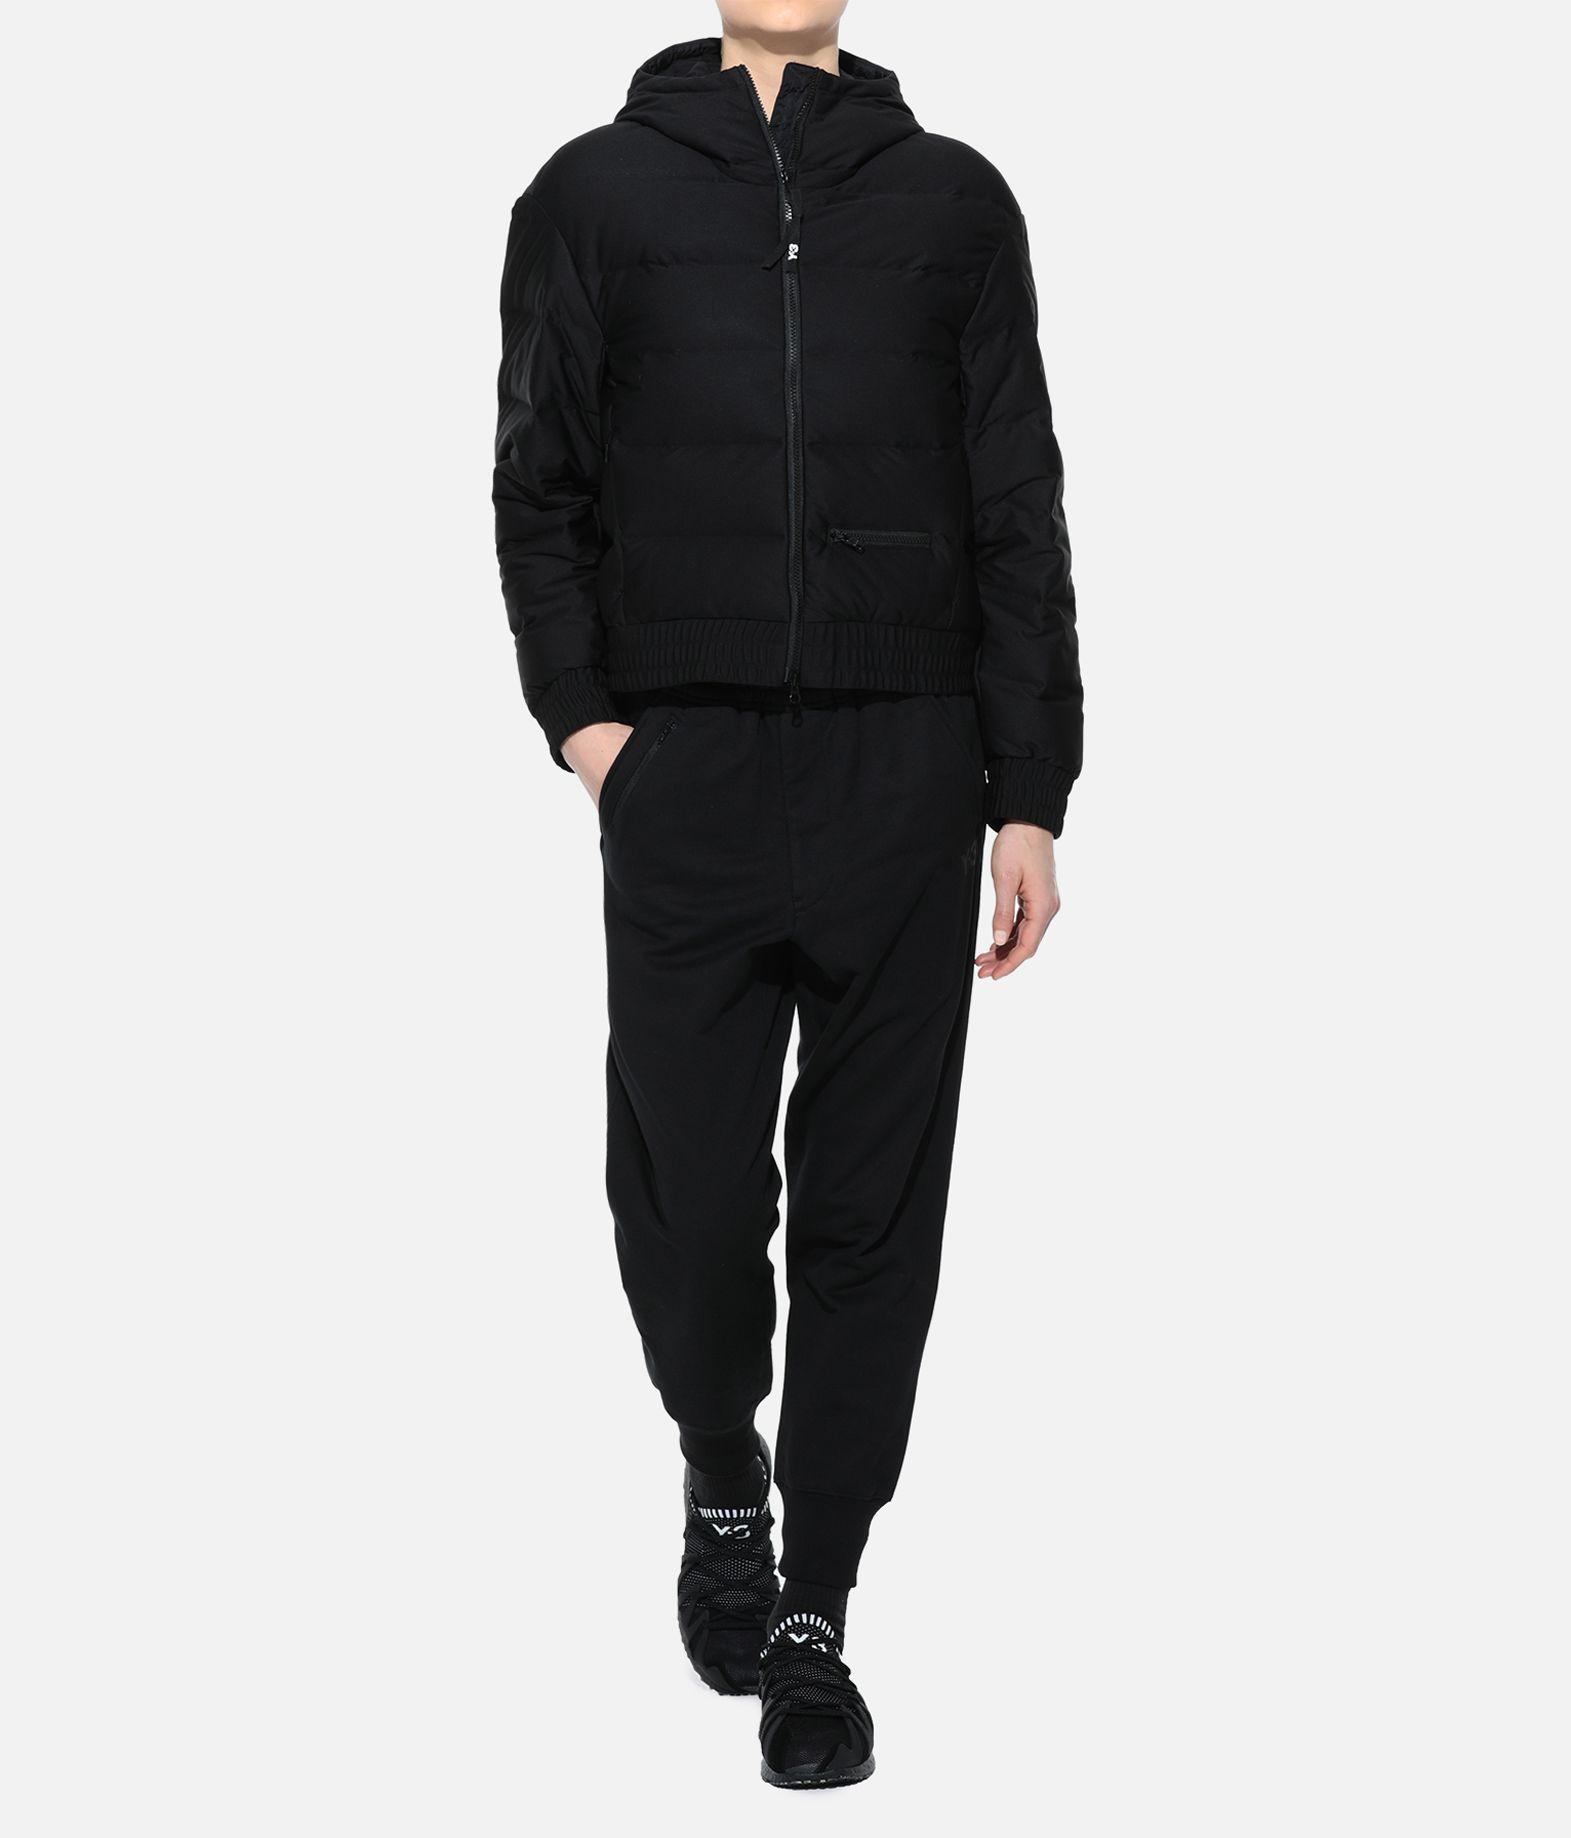 Y-3 Y-3 Seamless Down Hooded Jacket Куртка Для Женщин a